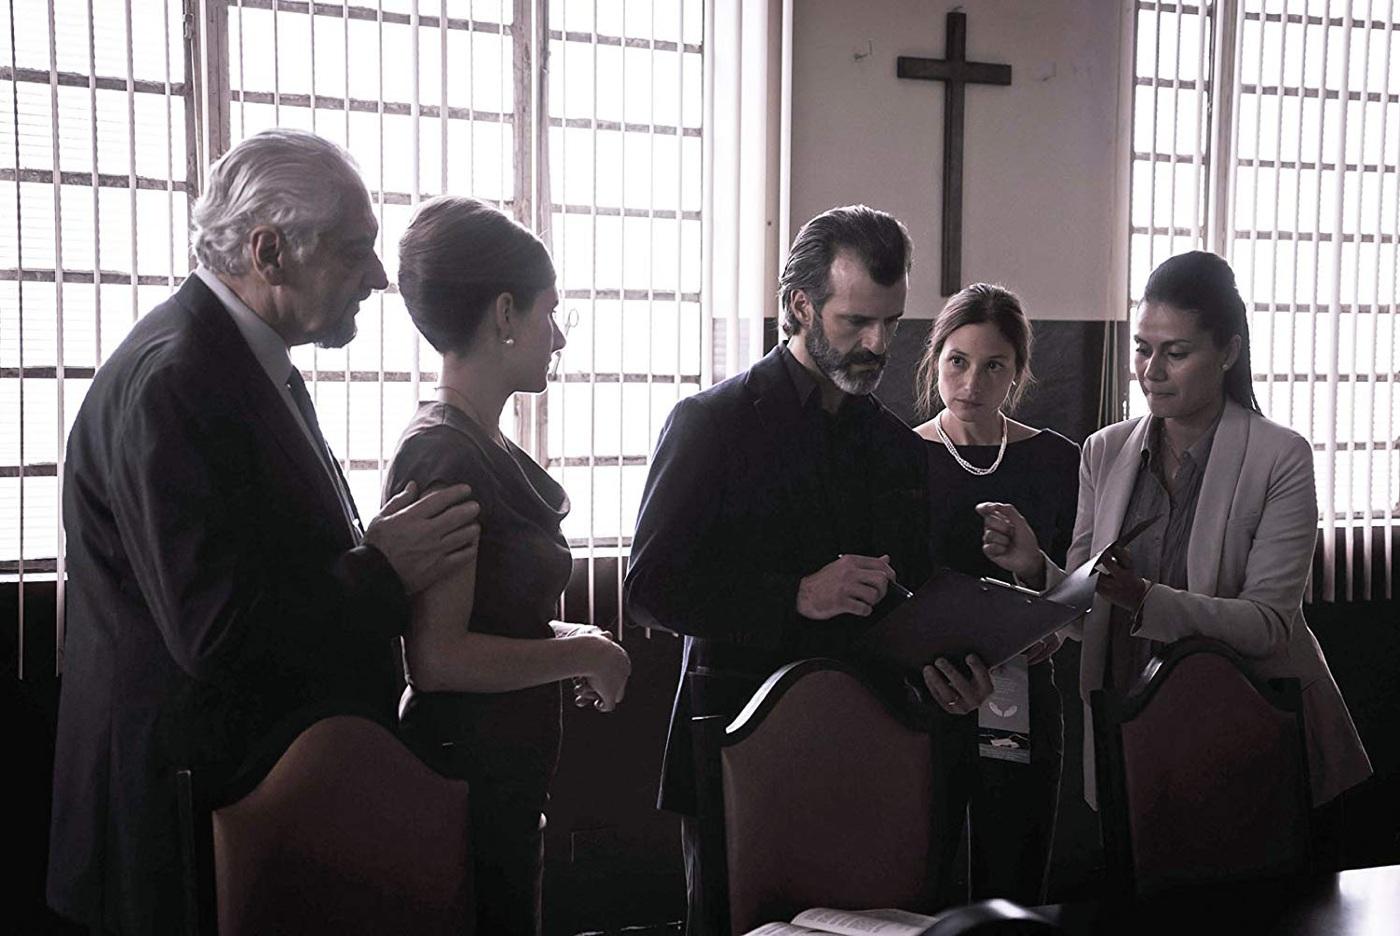 tremblements-jayro-bustamante-film-critique-dime-juan-pablo-oyslager